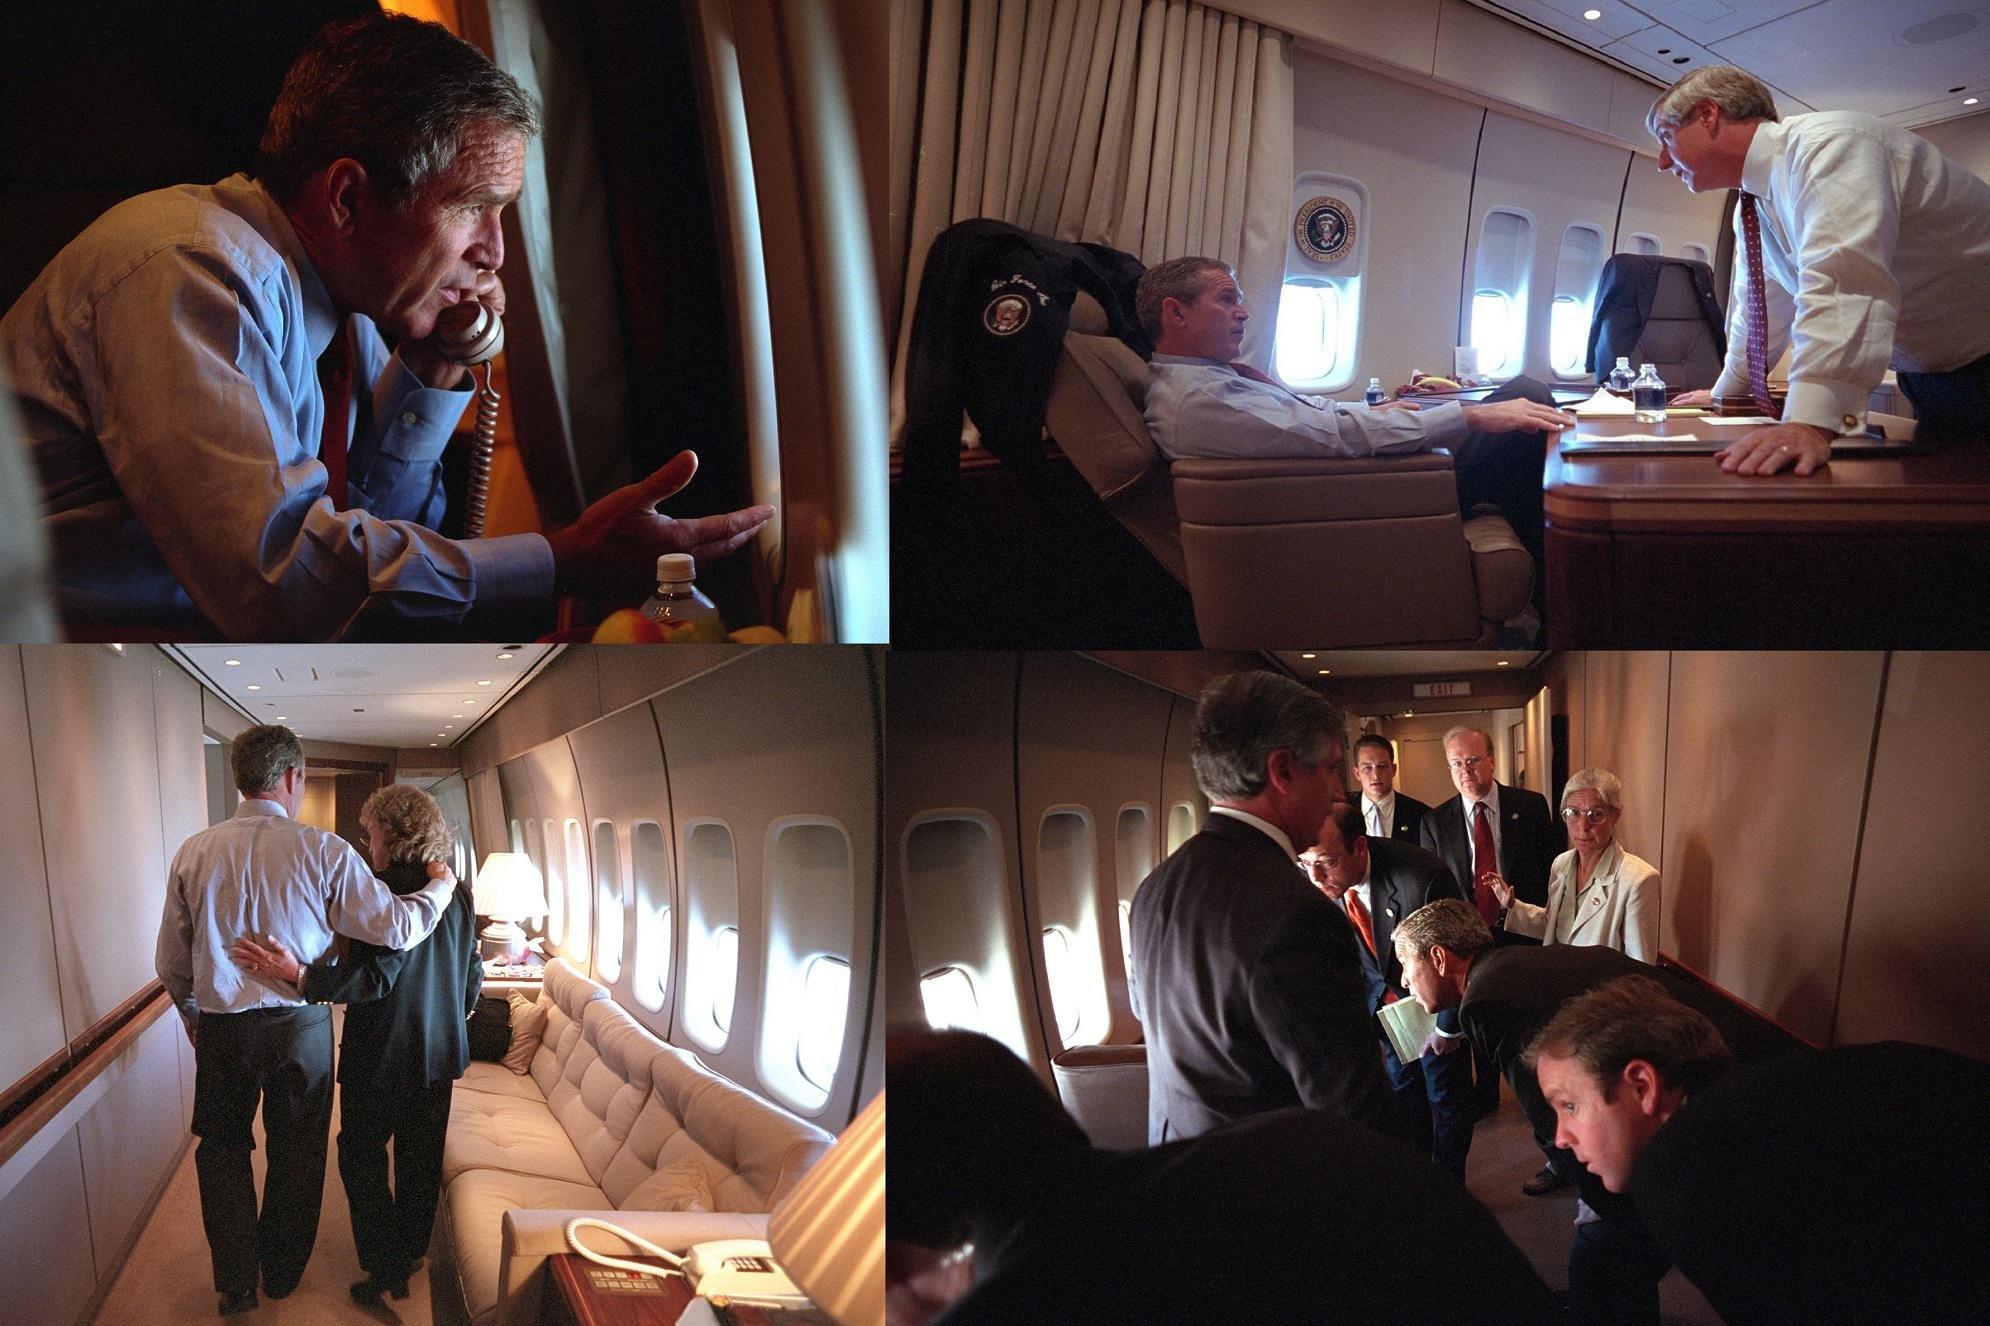 11 settembre, le ore di Bush sull'Air Force One dopo l'attacco